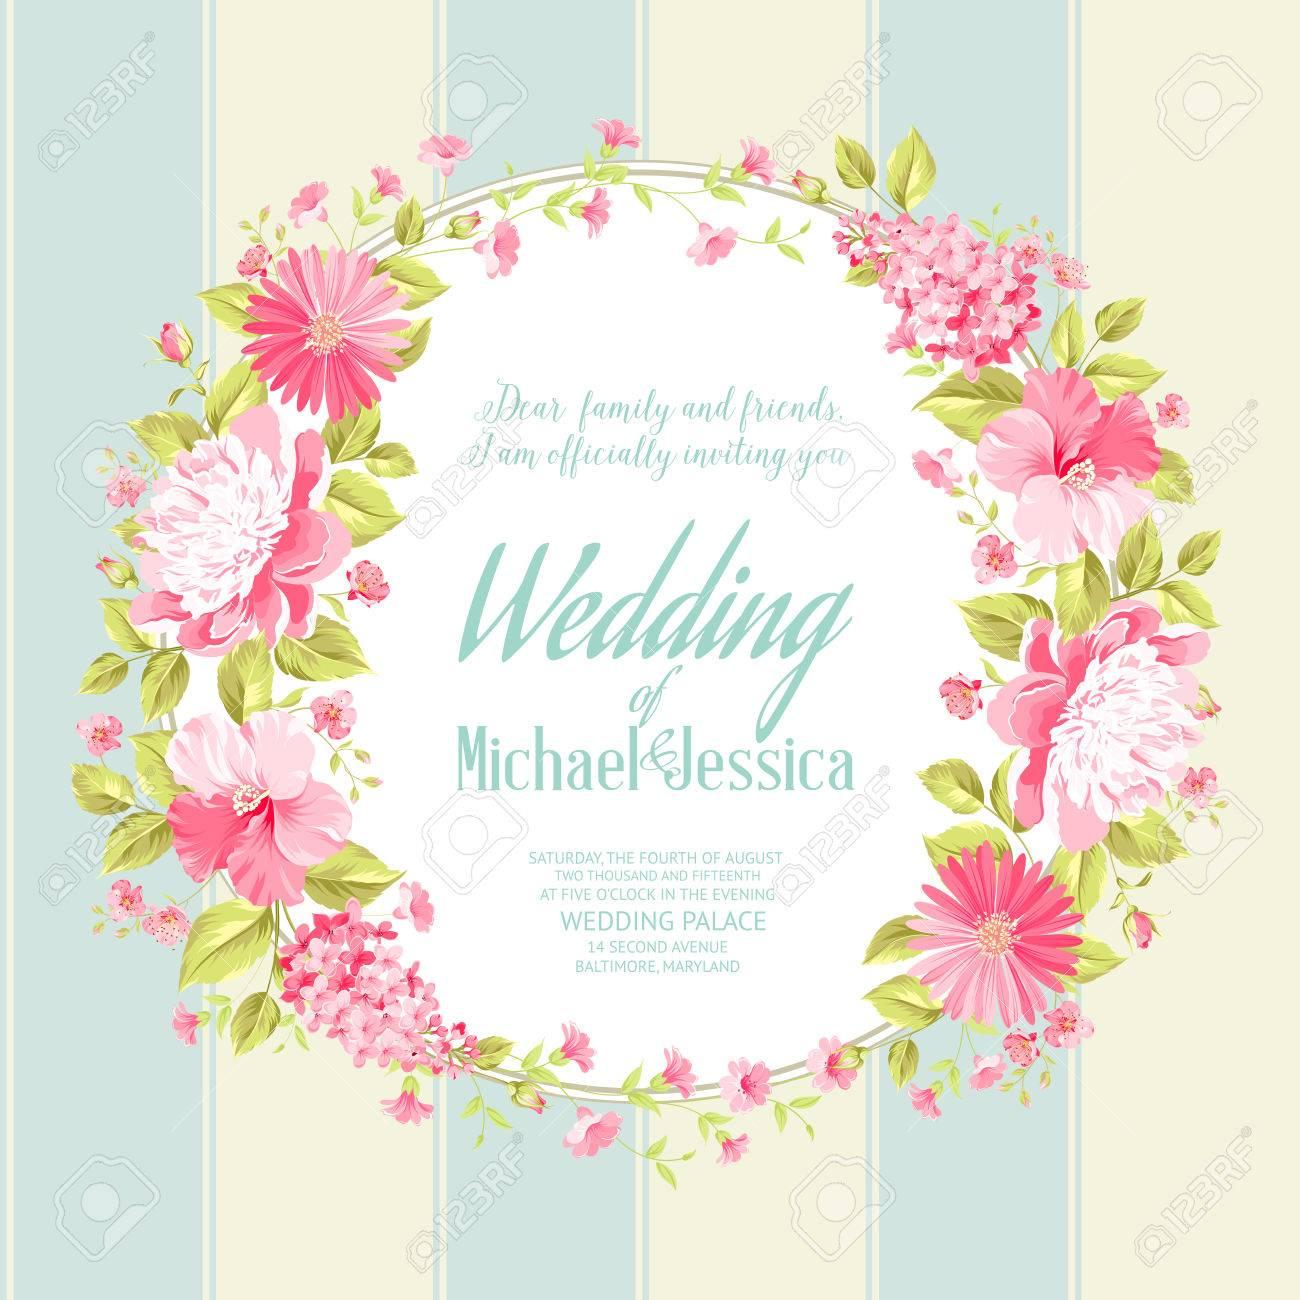 Hochzeitseinladungskarte Mit Eigenem Text, Vintage Floral Einladung Für  Frühling Oder Sommer Party. Vektor